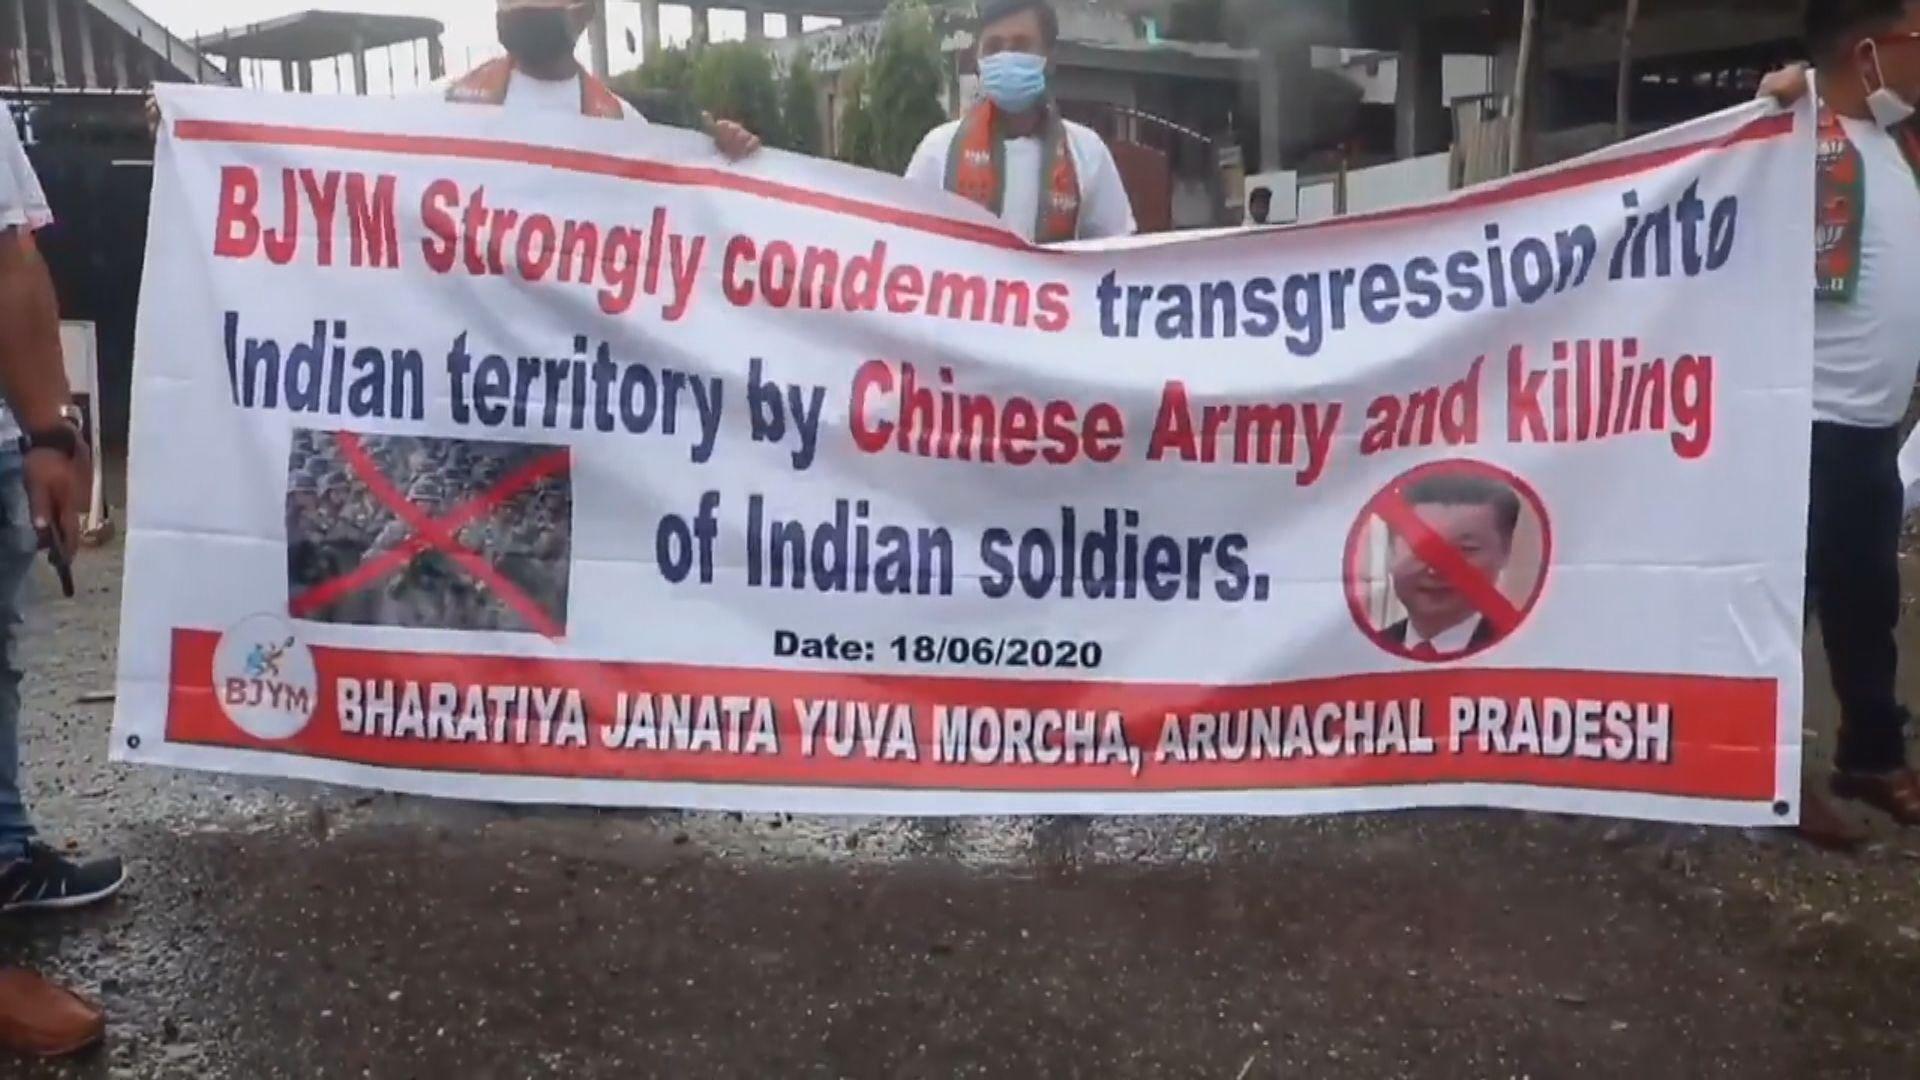 中印邊境衝突觸發印度反中浪潮 有人號召杯葛中國貨